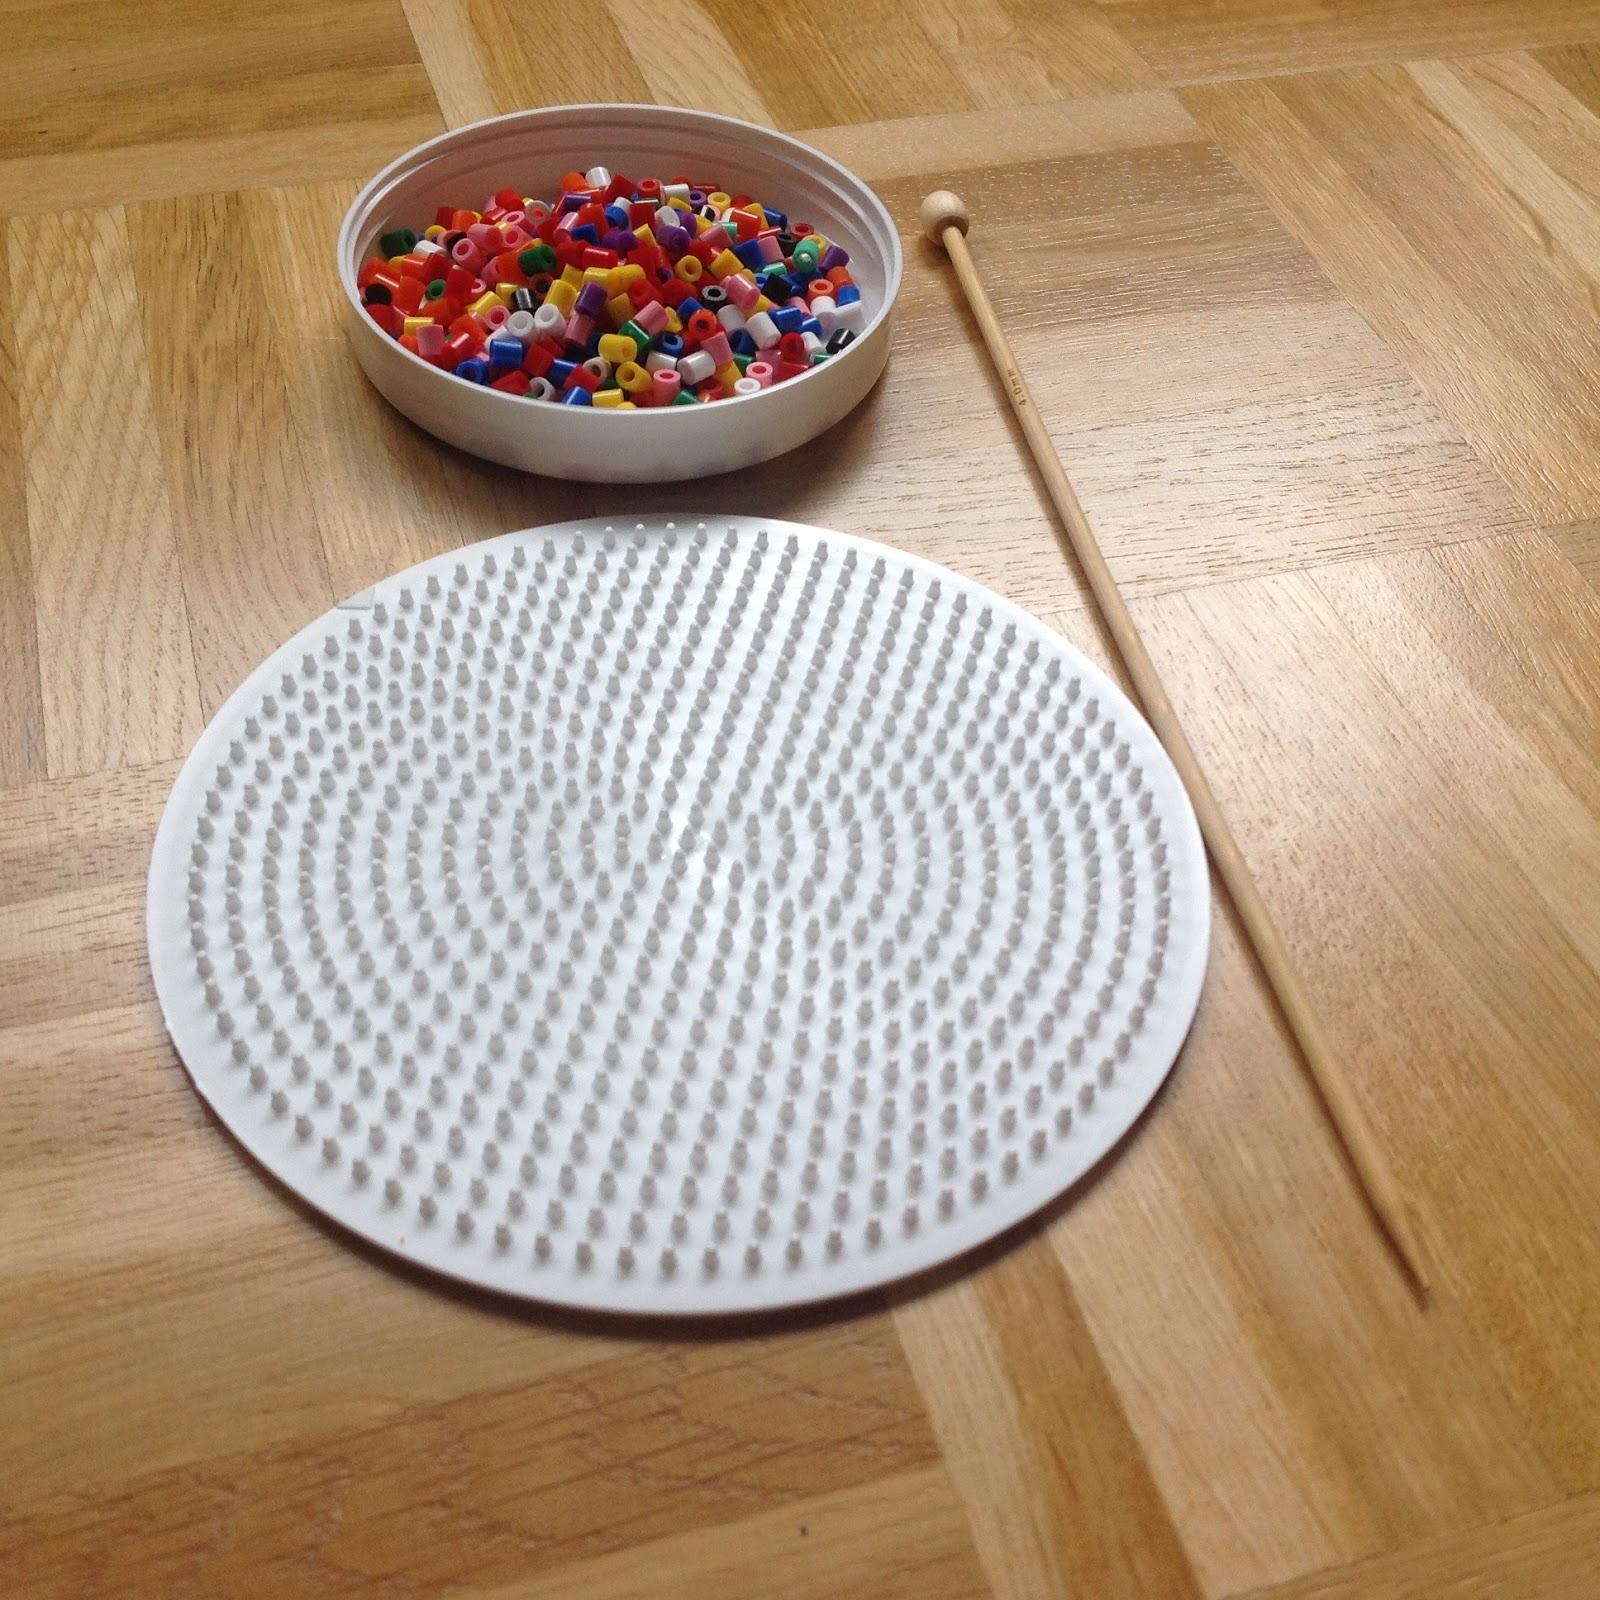 Bügelperlen und runde Steckplatte